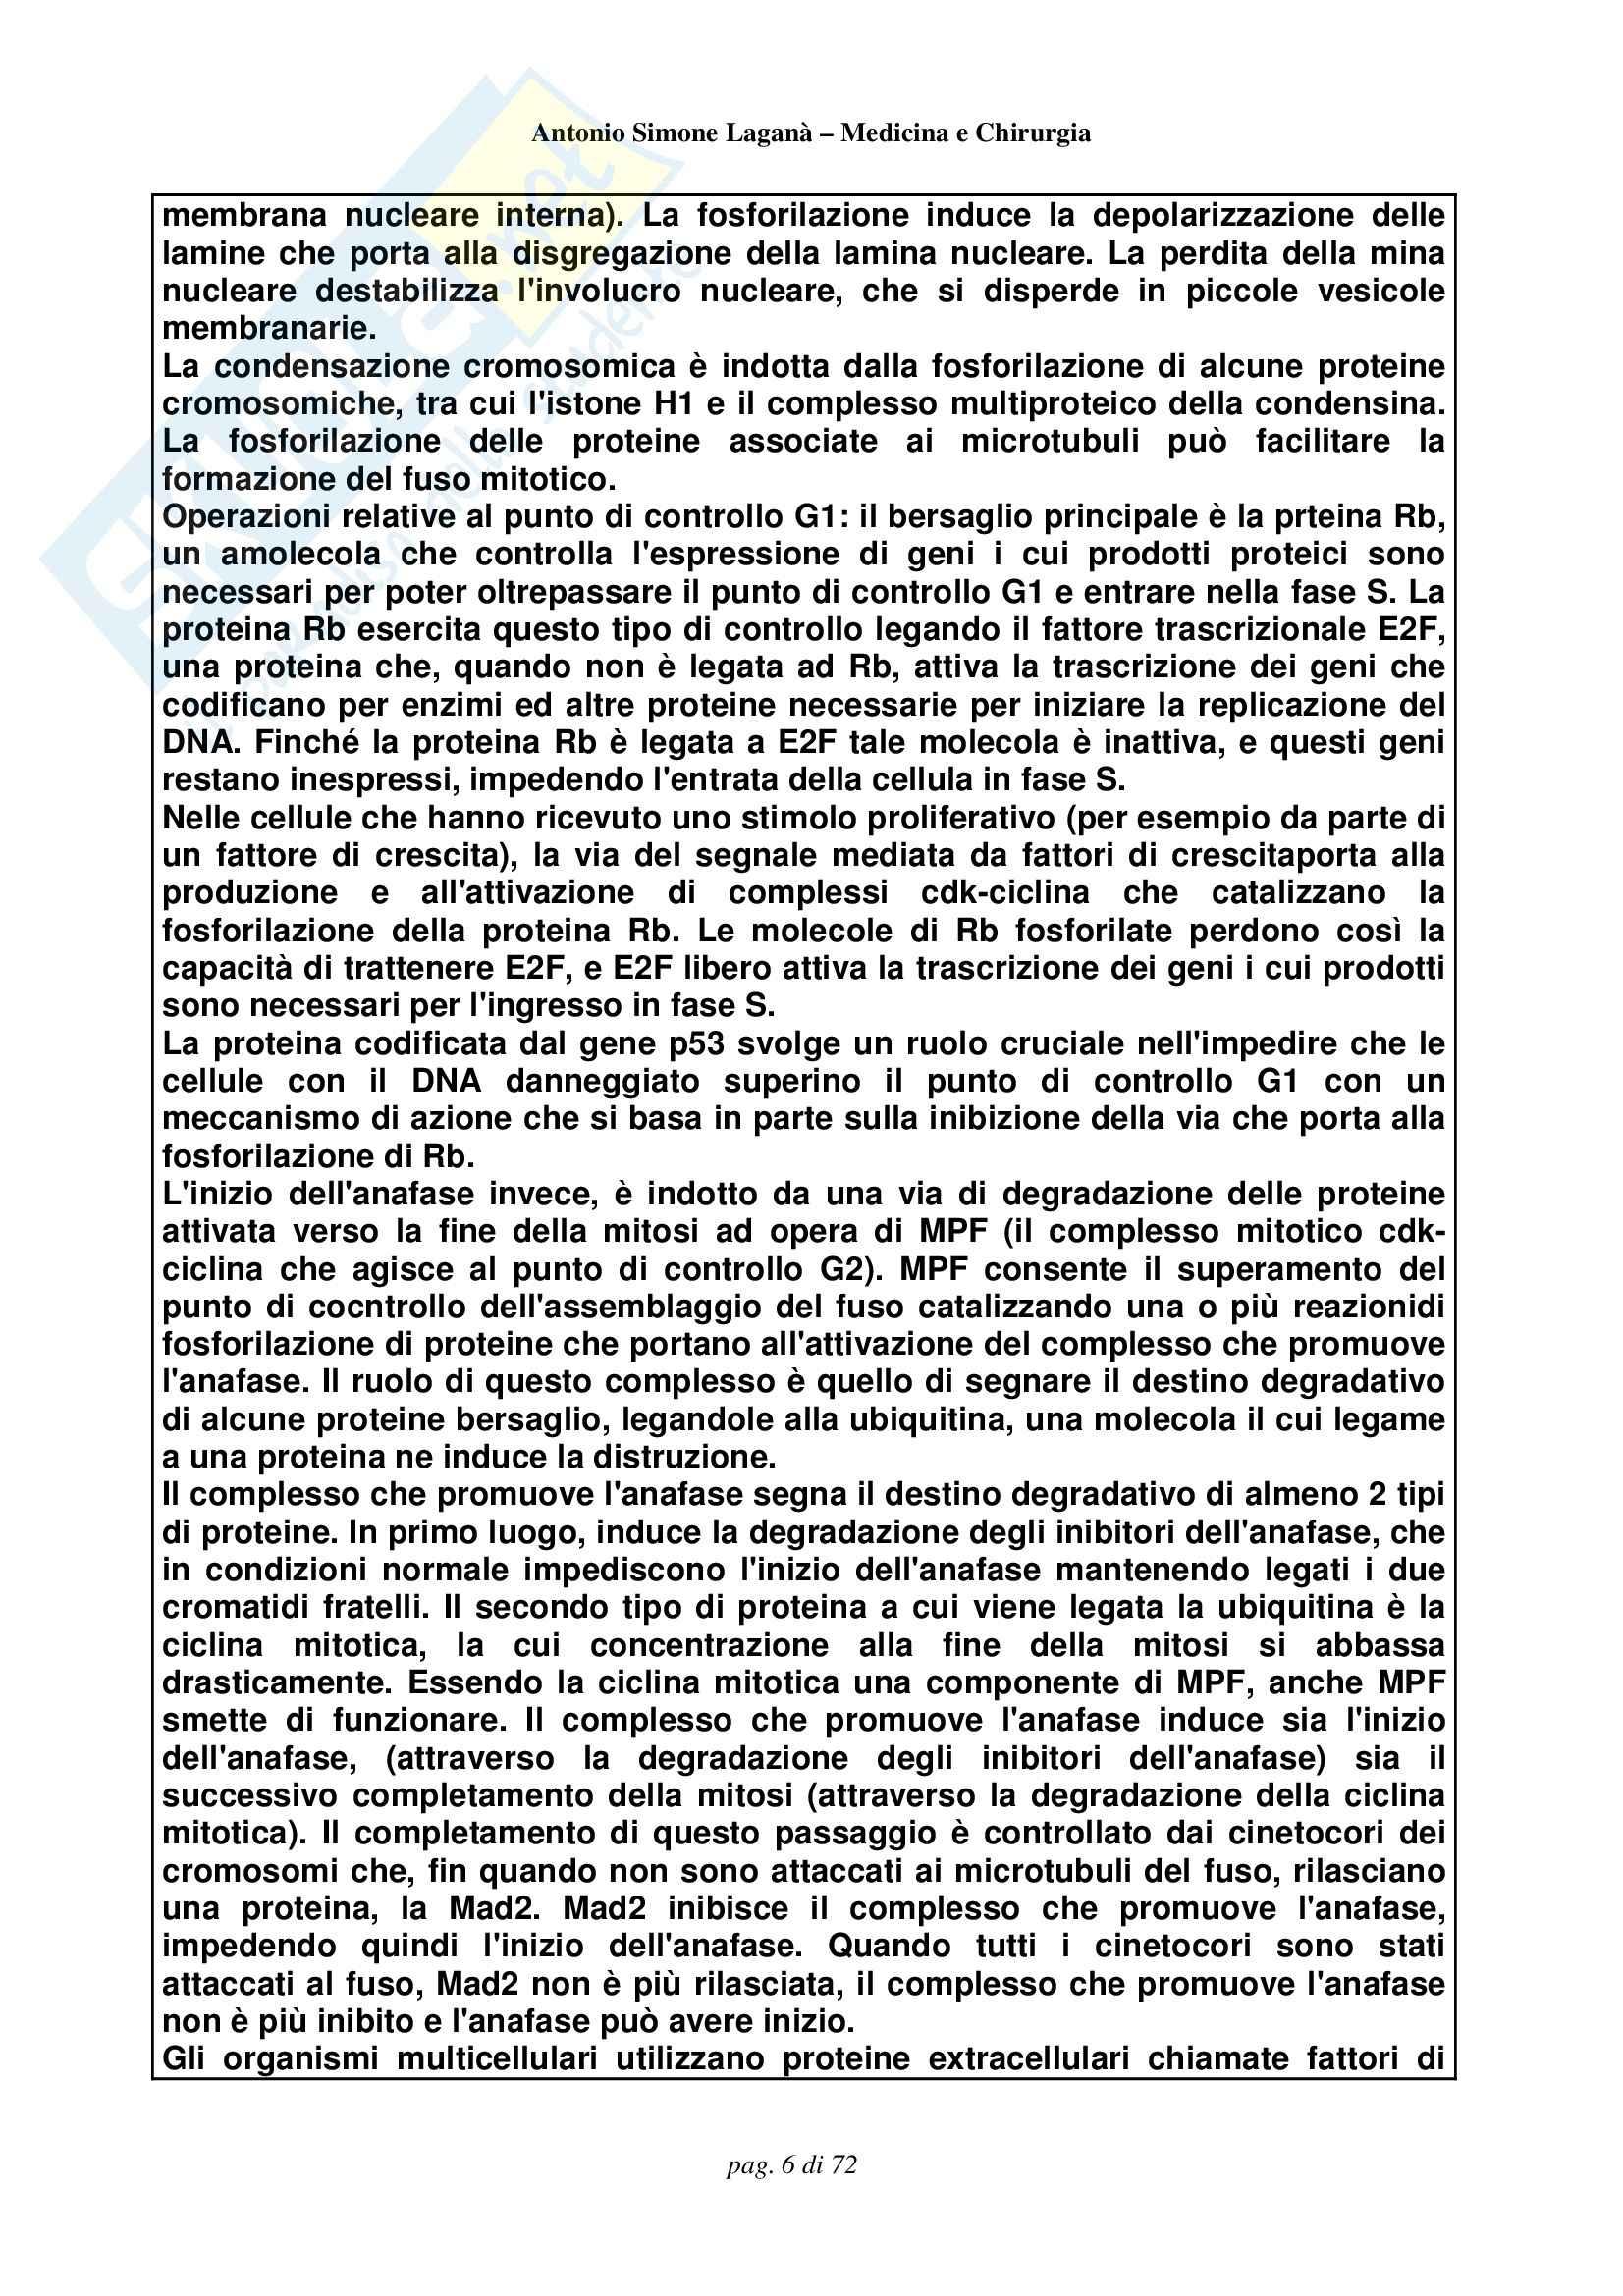 Biologia e Genetica - Compendio Pag. 6